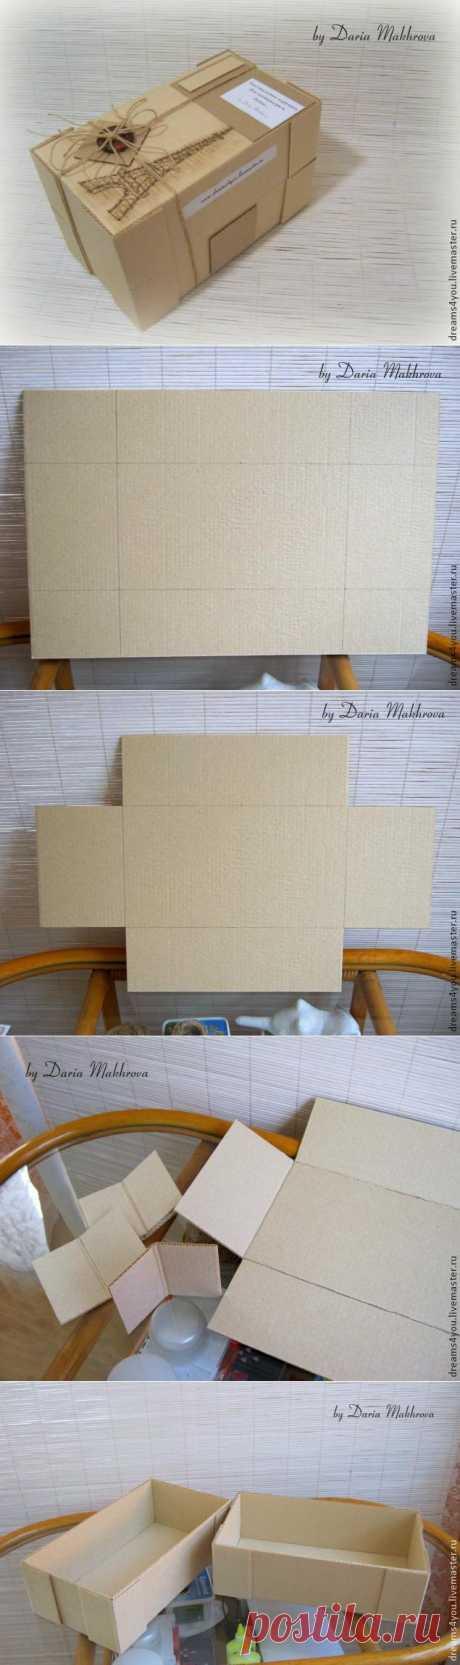 """Мастерим коробку с двойным дном для игрушки с """"приданным"""" - Ярмарка Мастеров - ручная работа, handmade"""